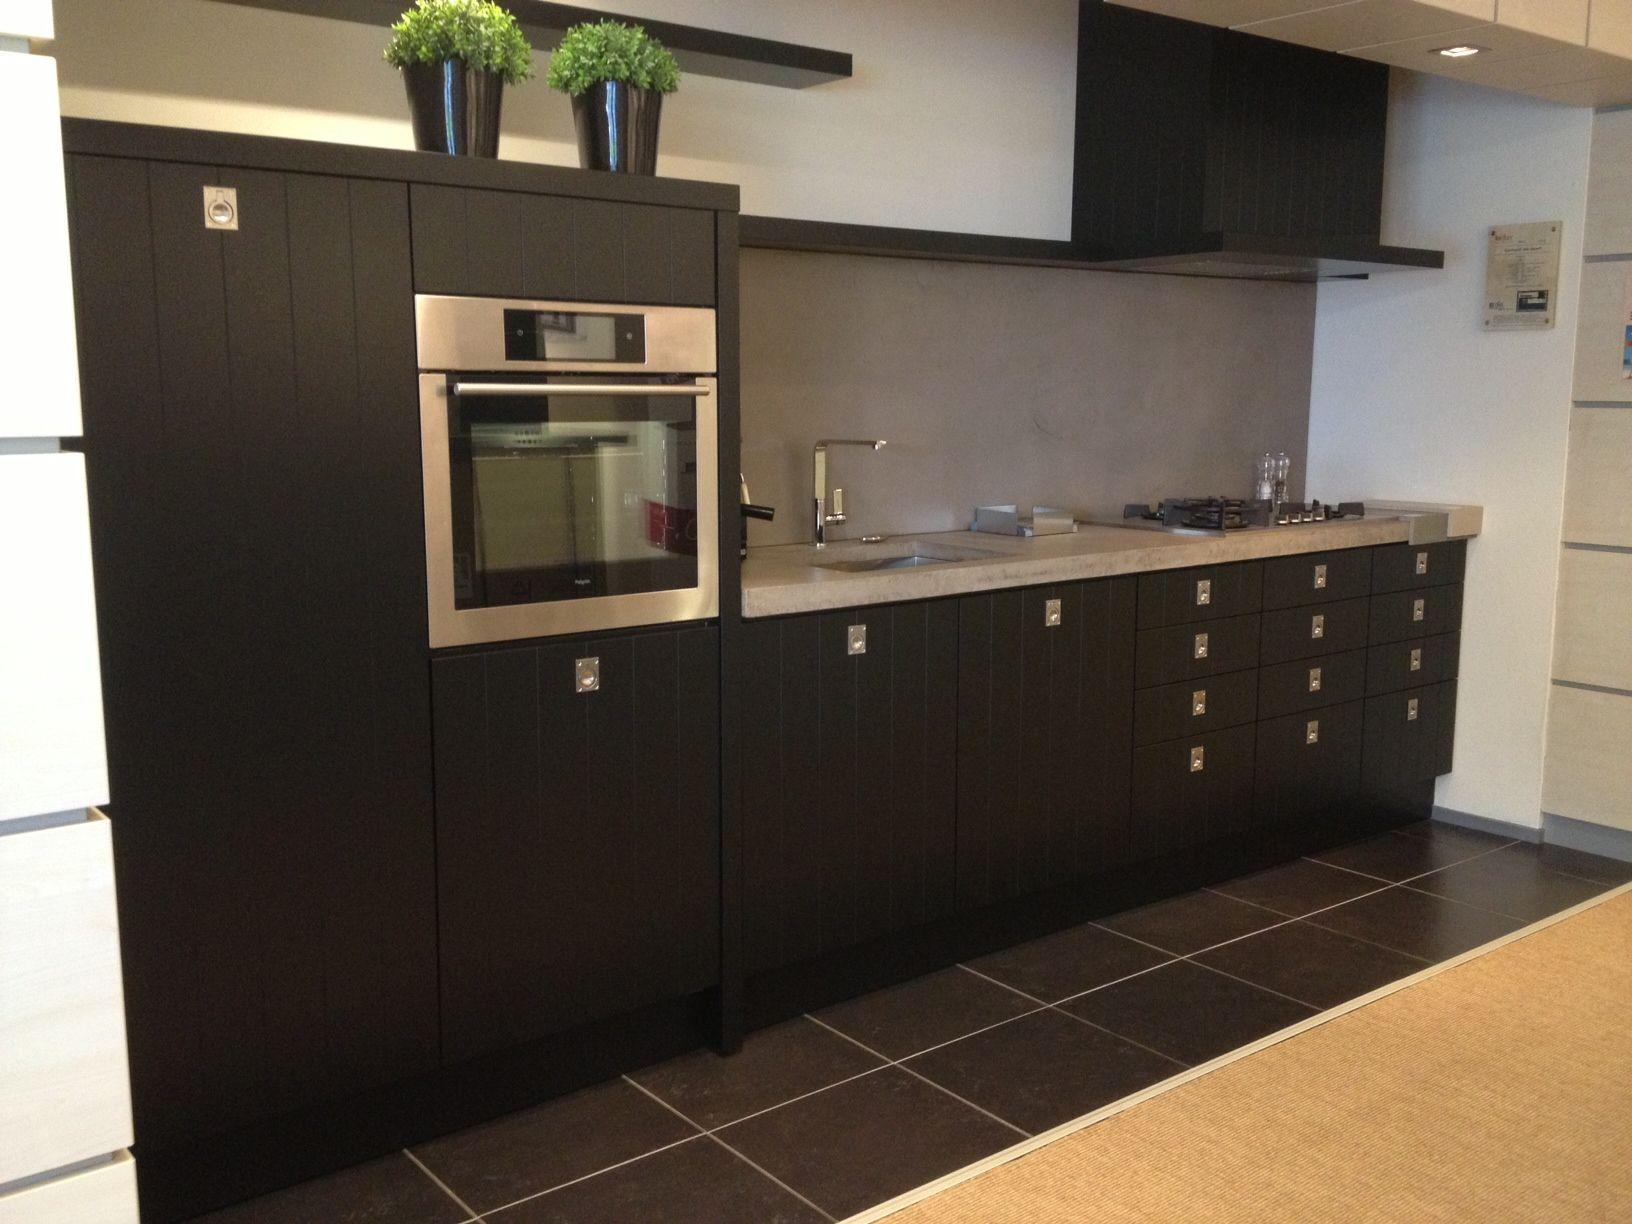 Piet Keuken Zwart : Zwarte keuken sale u informatie over de keuken